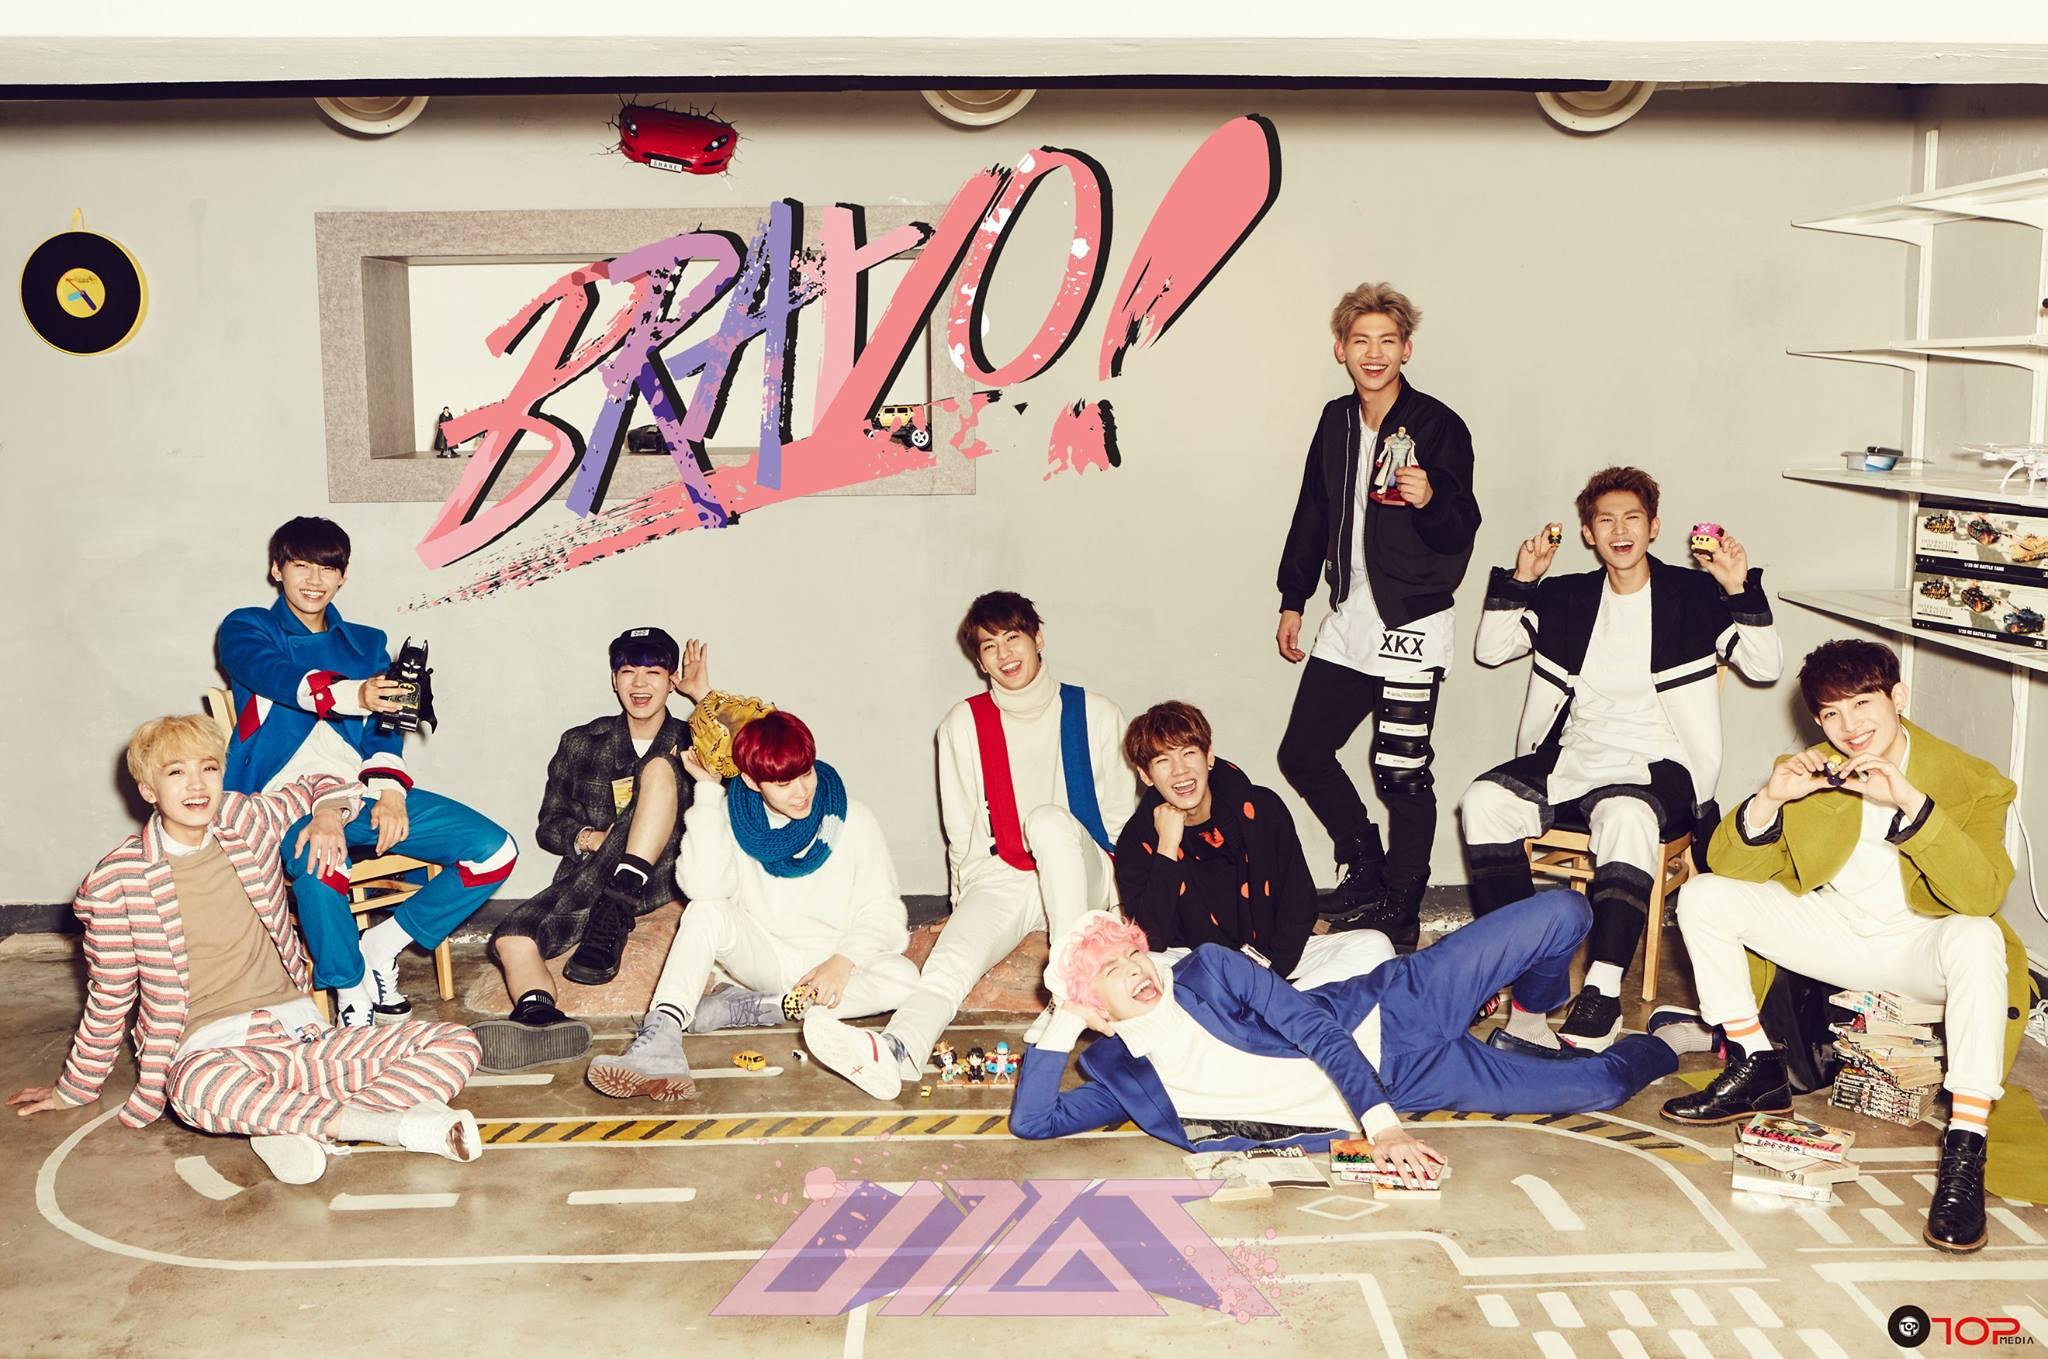 新人團體「Up10tion」也選在 27 日公開第二張迷你專輯《BRAVO!》主打歌「Catch me!(여기 여기 붙어라)」的音源和 MV。